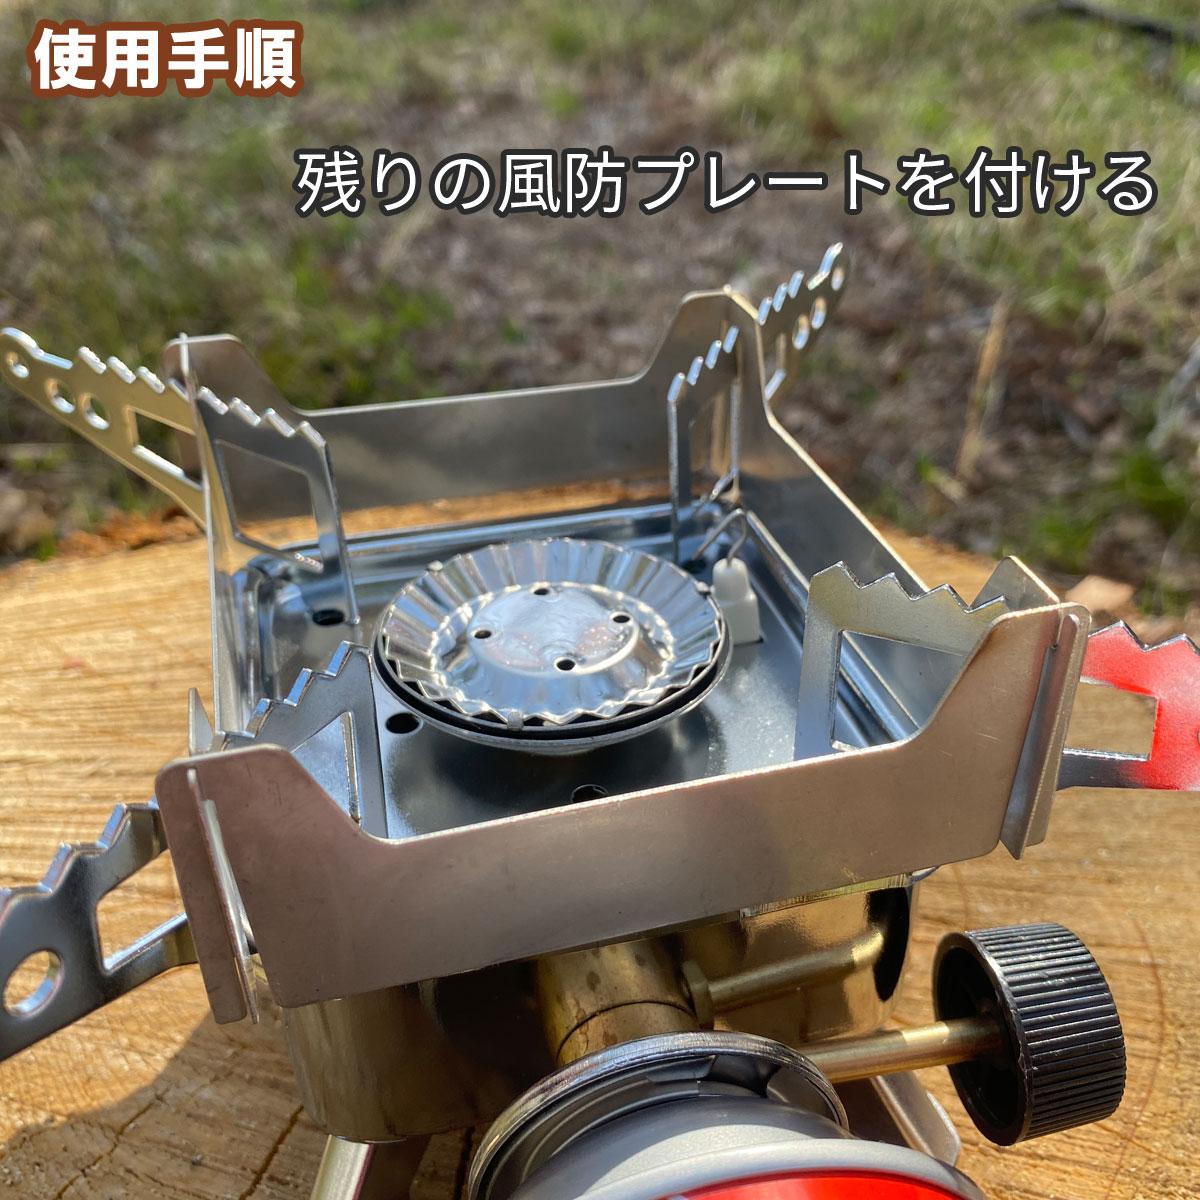 シングルカセットガスバーナー 風防プレート取付